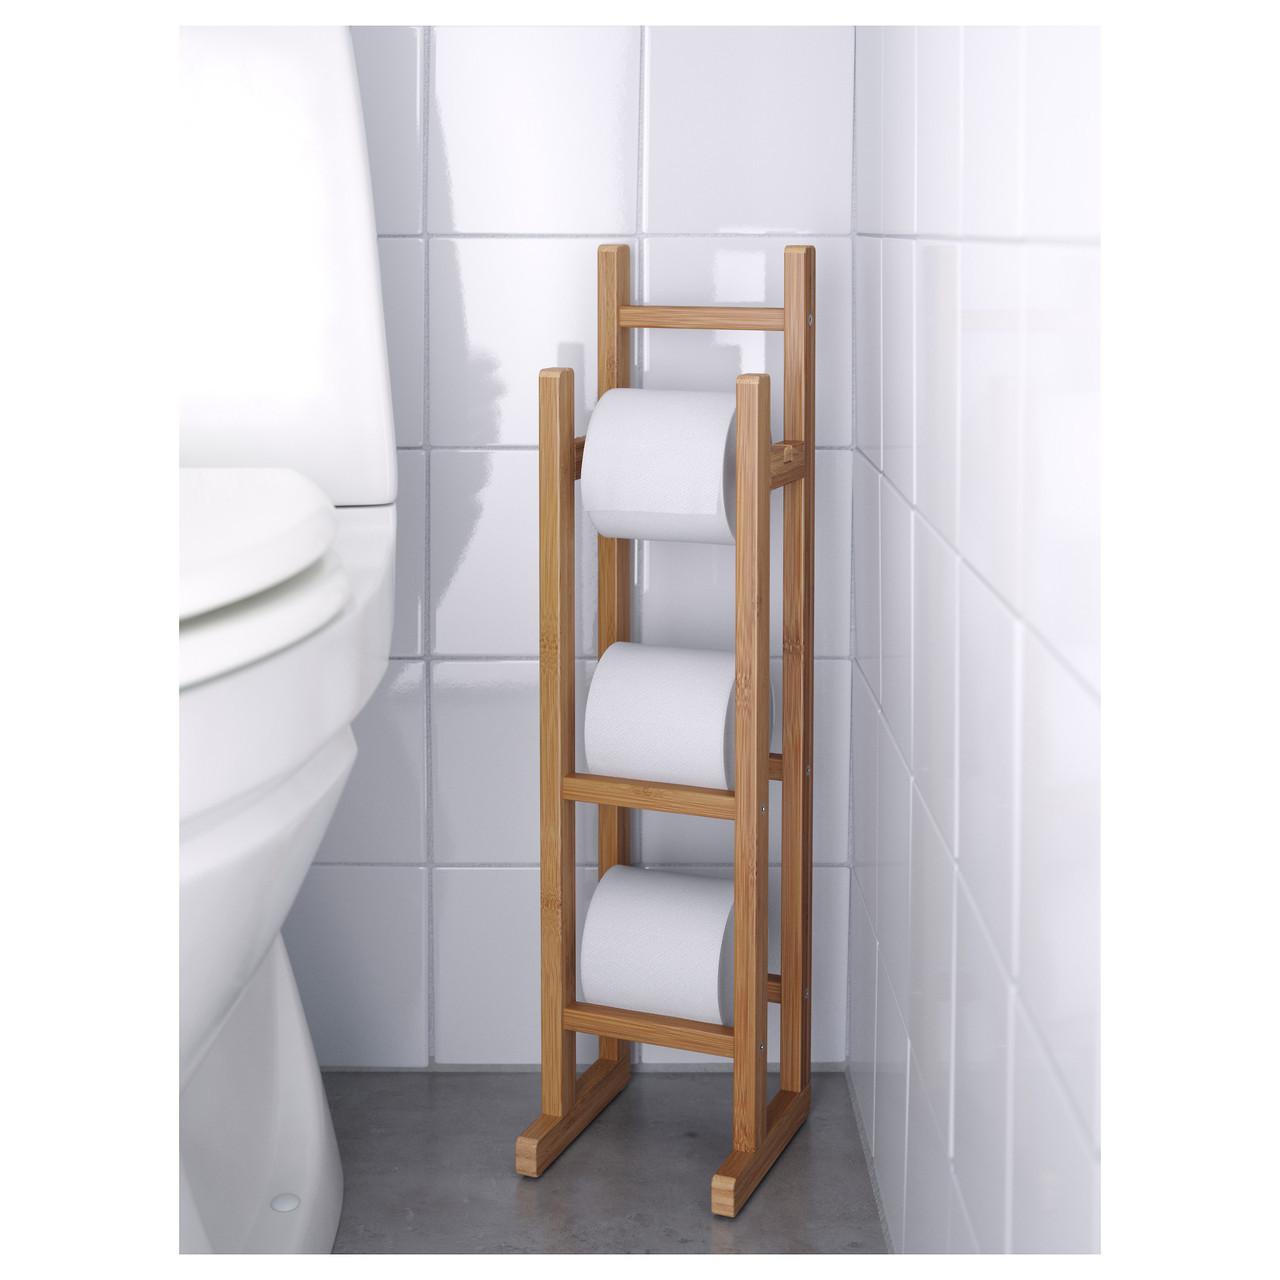 Стойка-держатель для туалетной бумаги RAGRUND